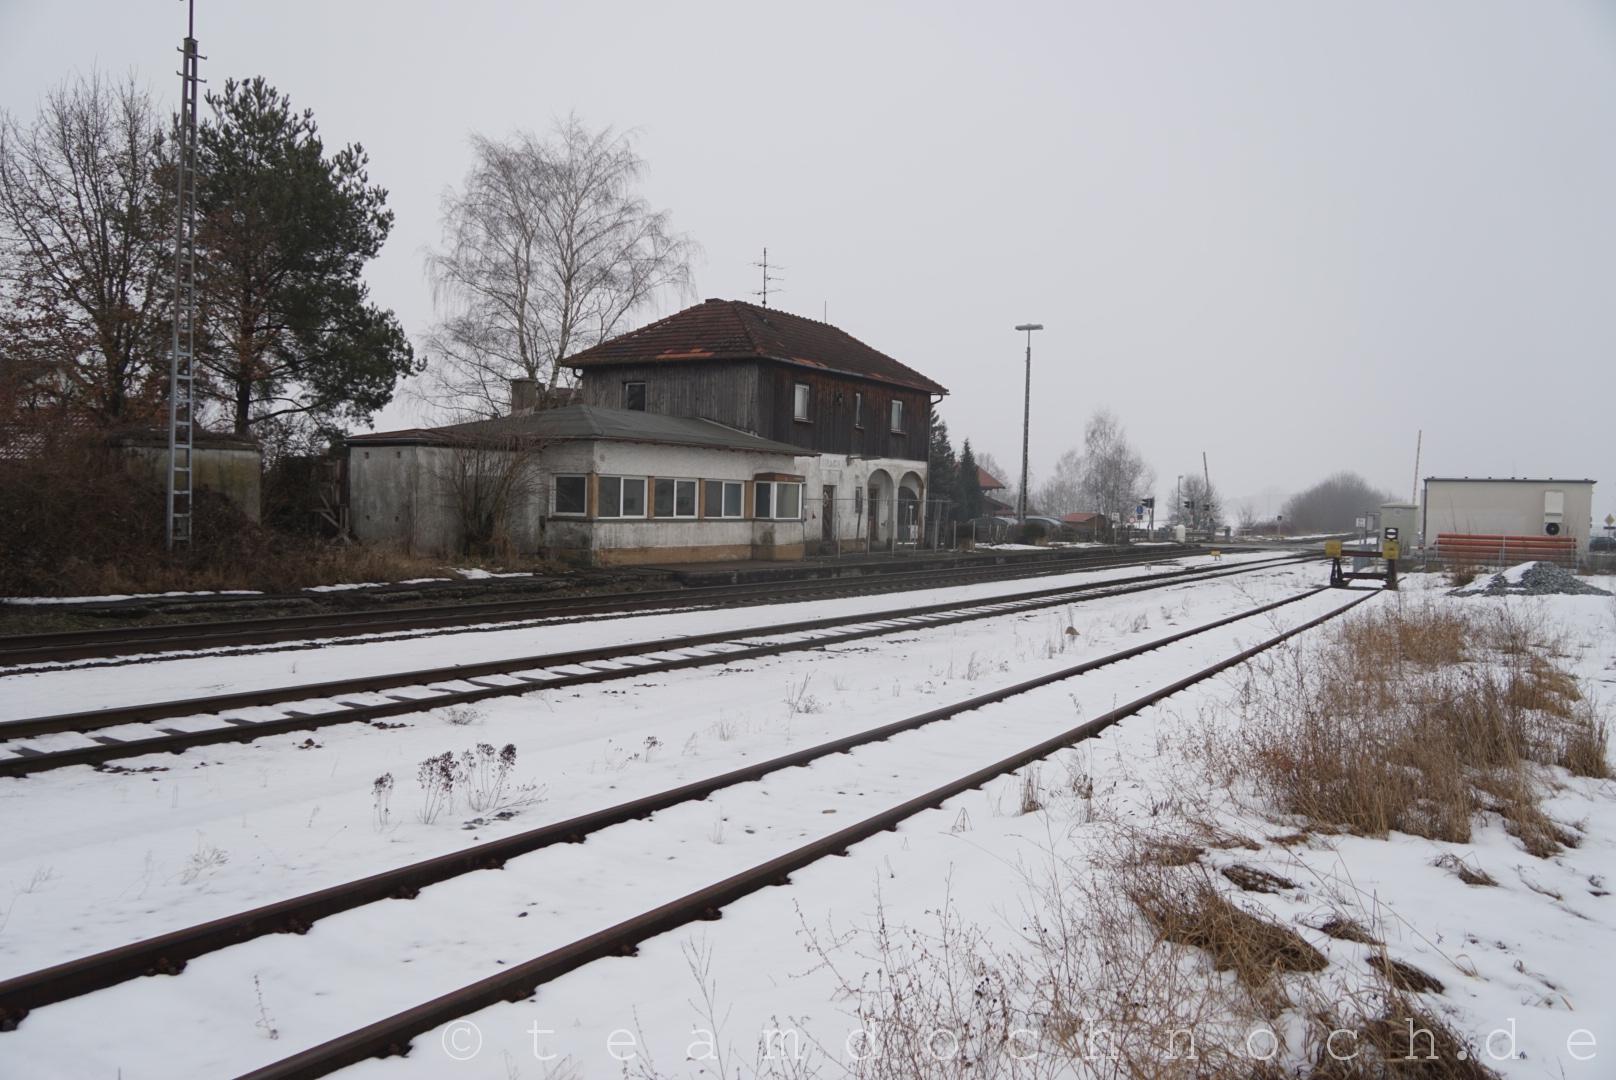 Bahnhof Pirach